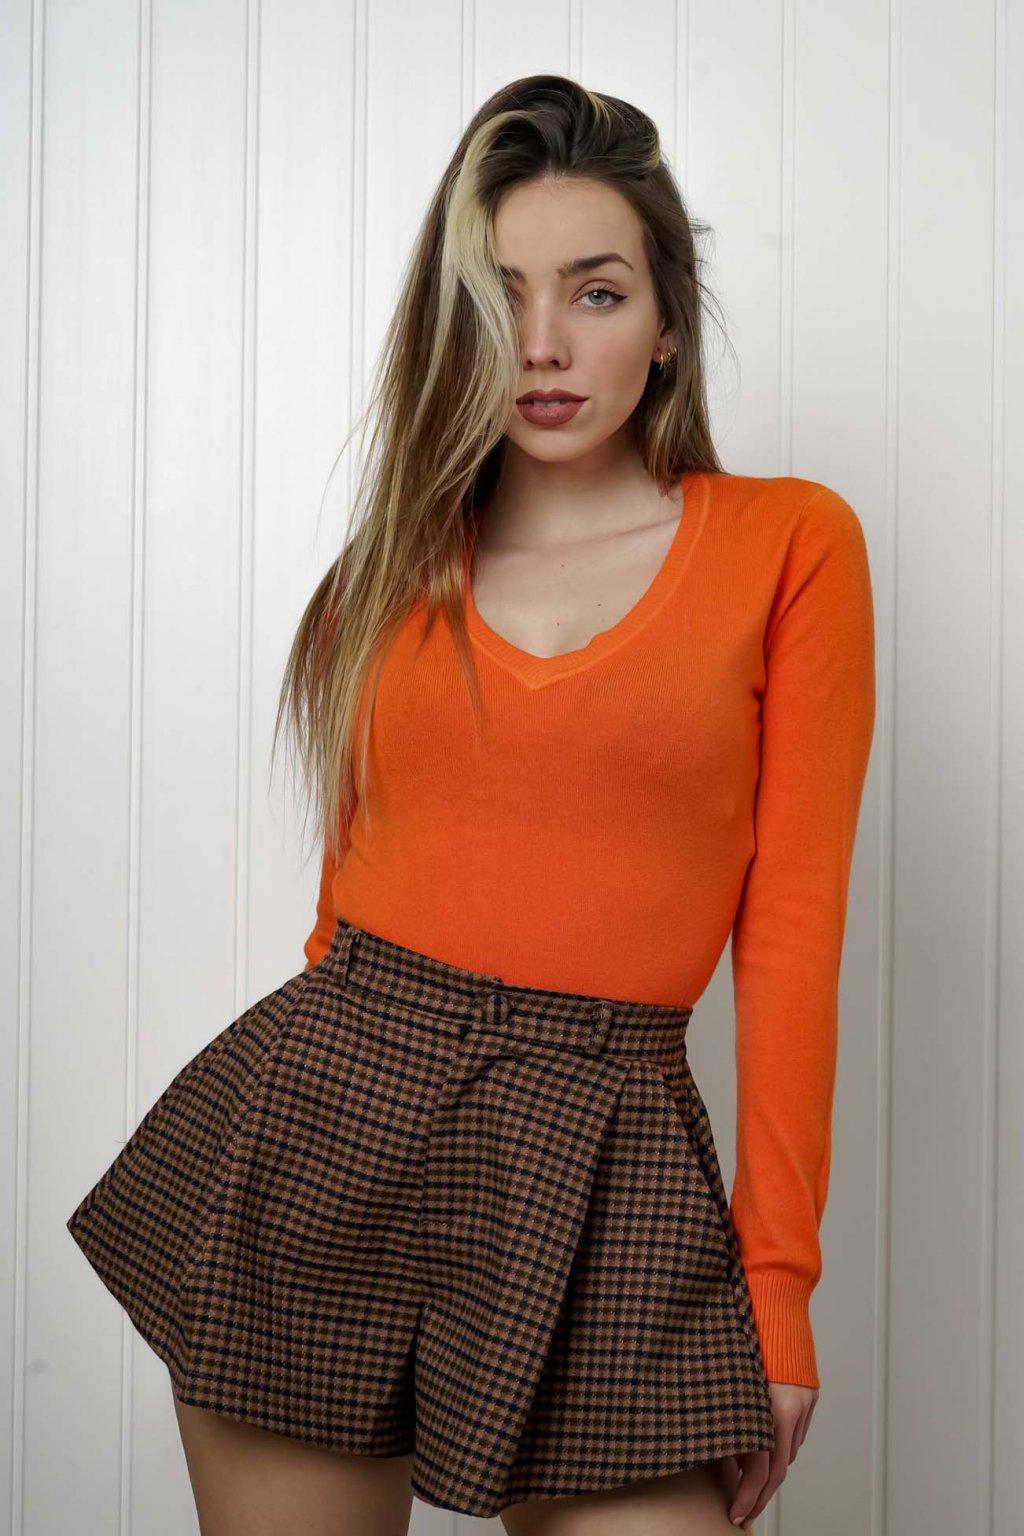 sveter, svetrík, sveter dámsky, úplet, úpletový sveter, jednoduchý sveter, v výstríh, štýlový, chlpatý,vzorovaný, srdiečkový, čierny, biely, farebný, 006